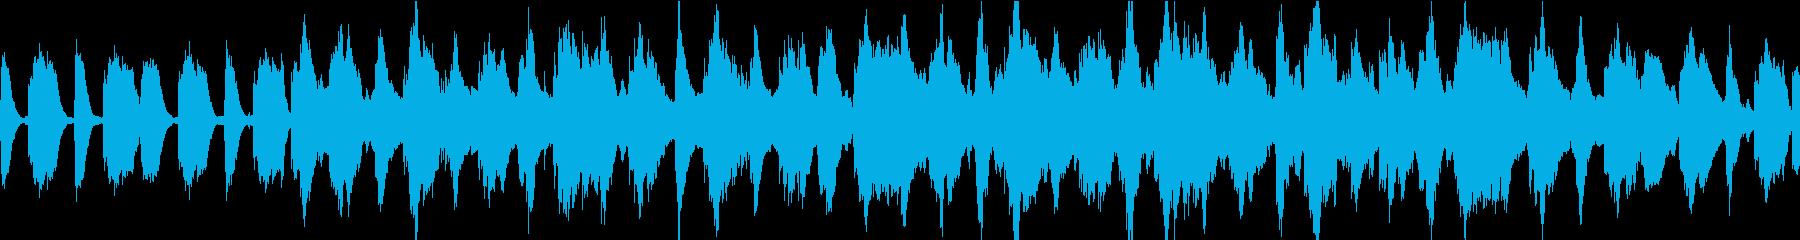 ふわふわシンセのOP、チュートリアル曲の再生済みの波形